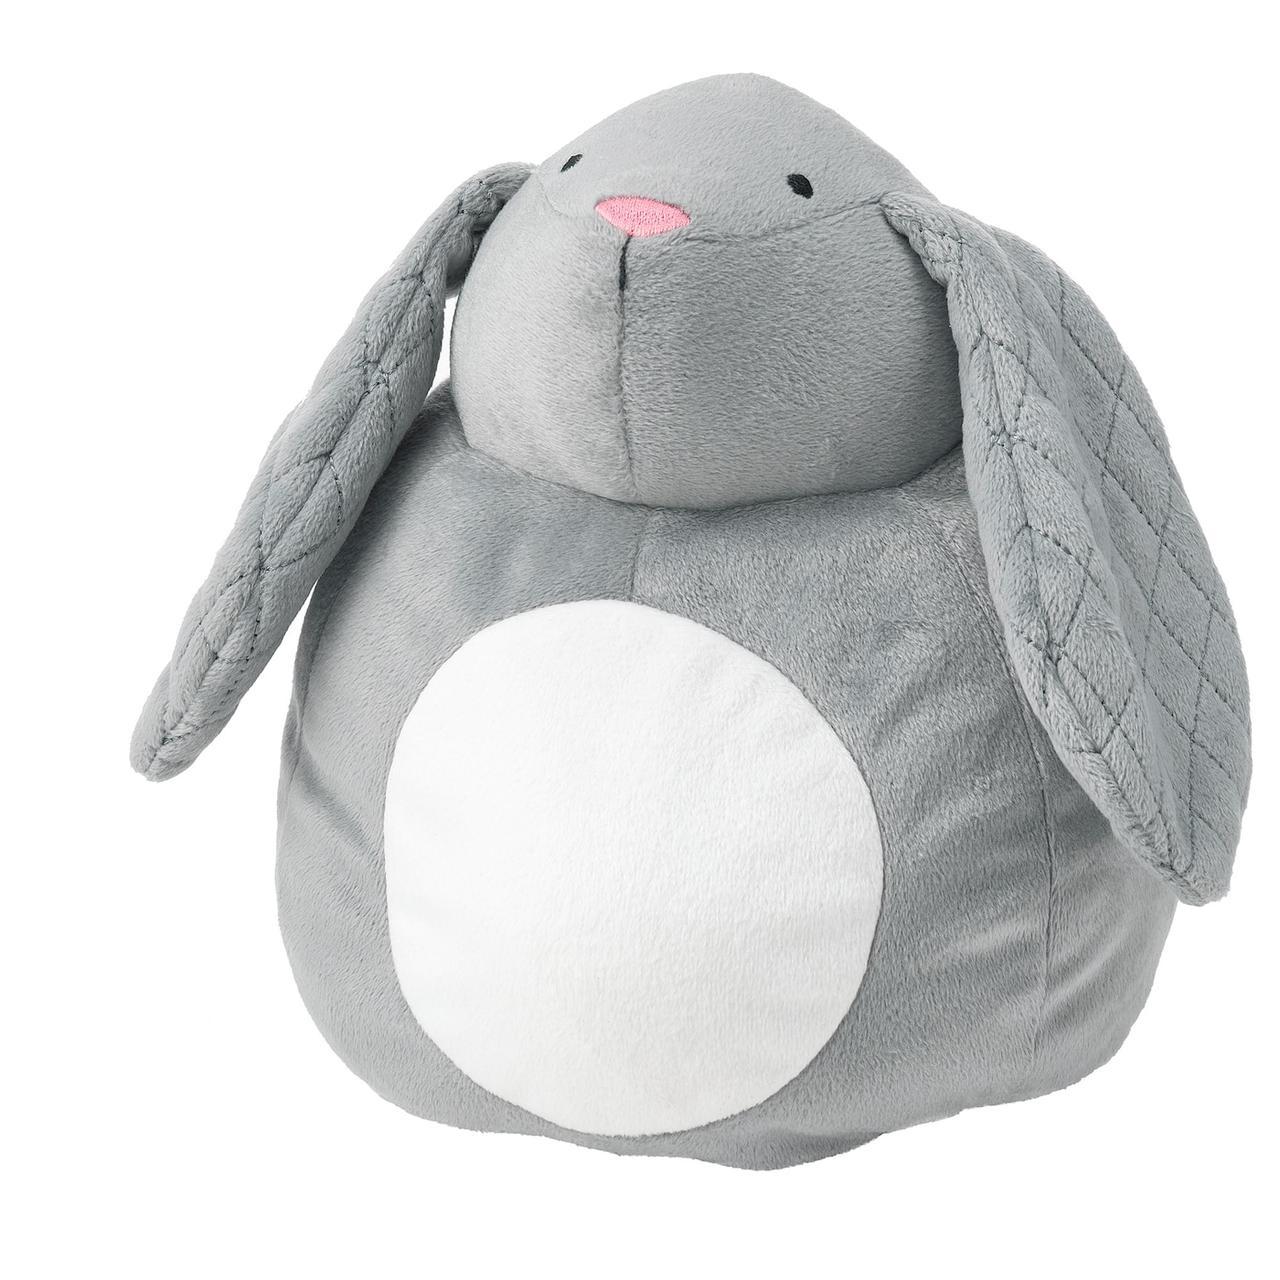 IKEA PEKHULT Плюшевые игрушки, ночник СВЕТОДИОДНЫЙ,  кролик на батарейках 19 см